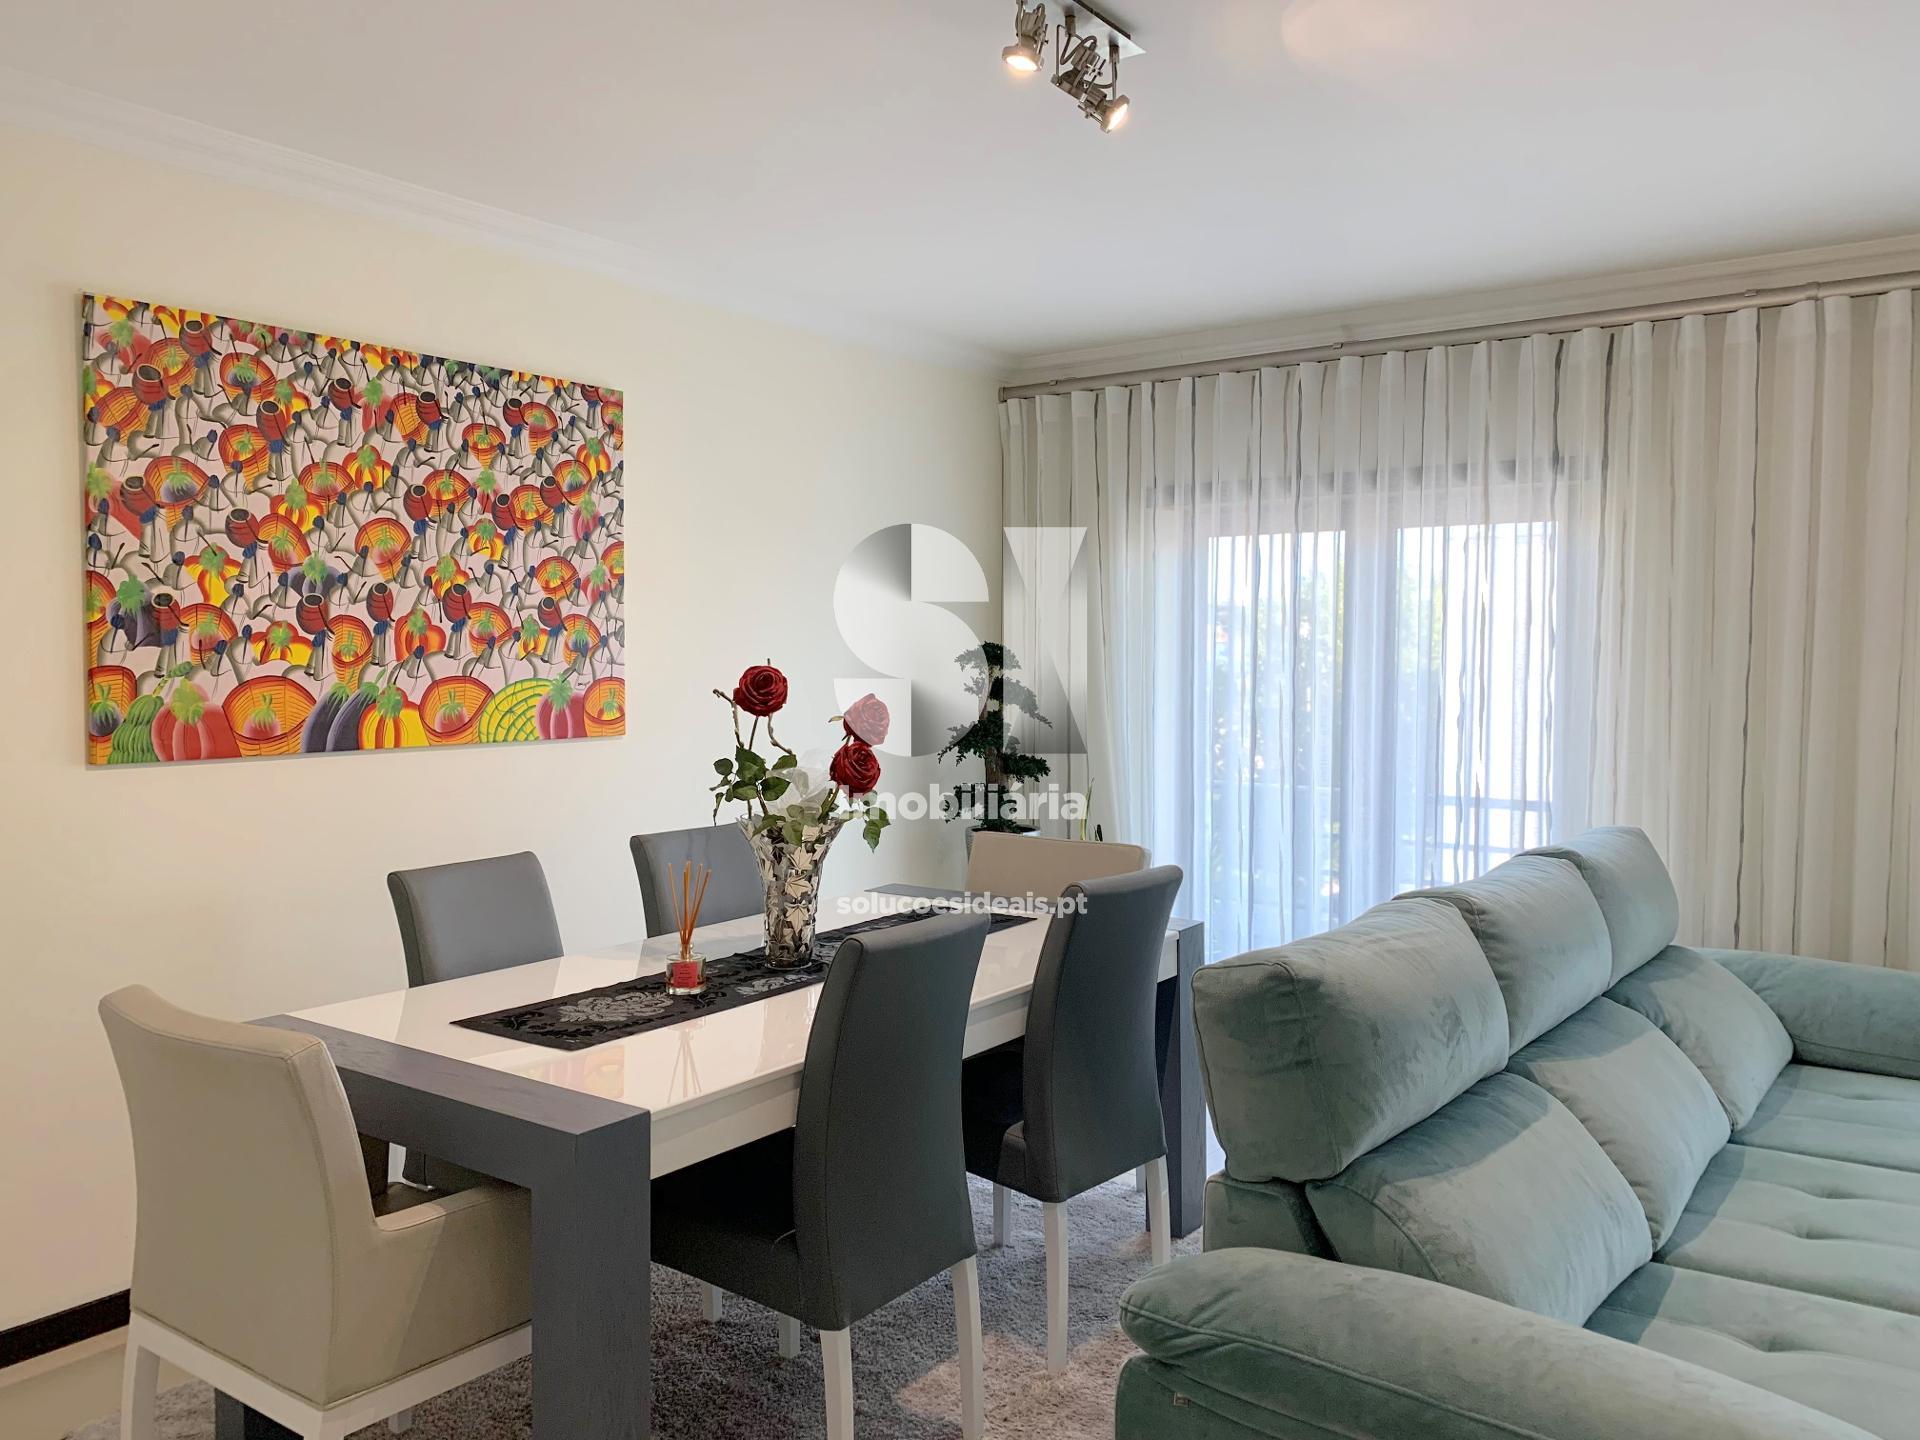 apartamento t32 para compra em figueira da foz tavarede tavarede FIG2574